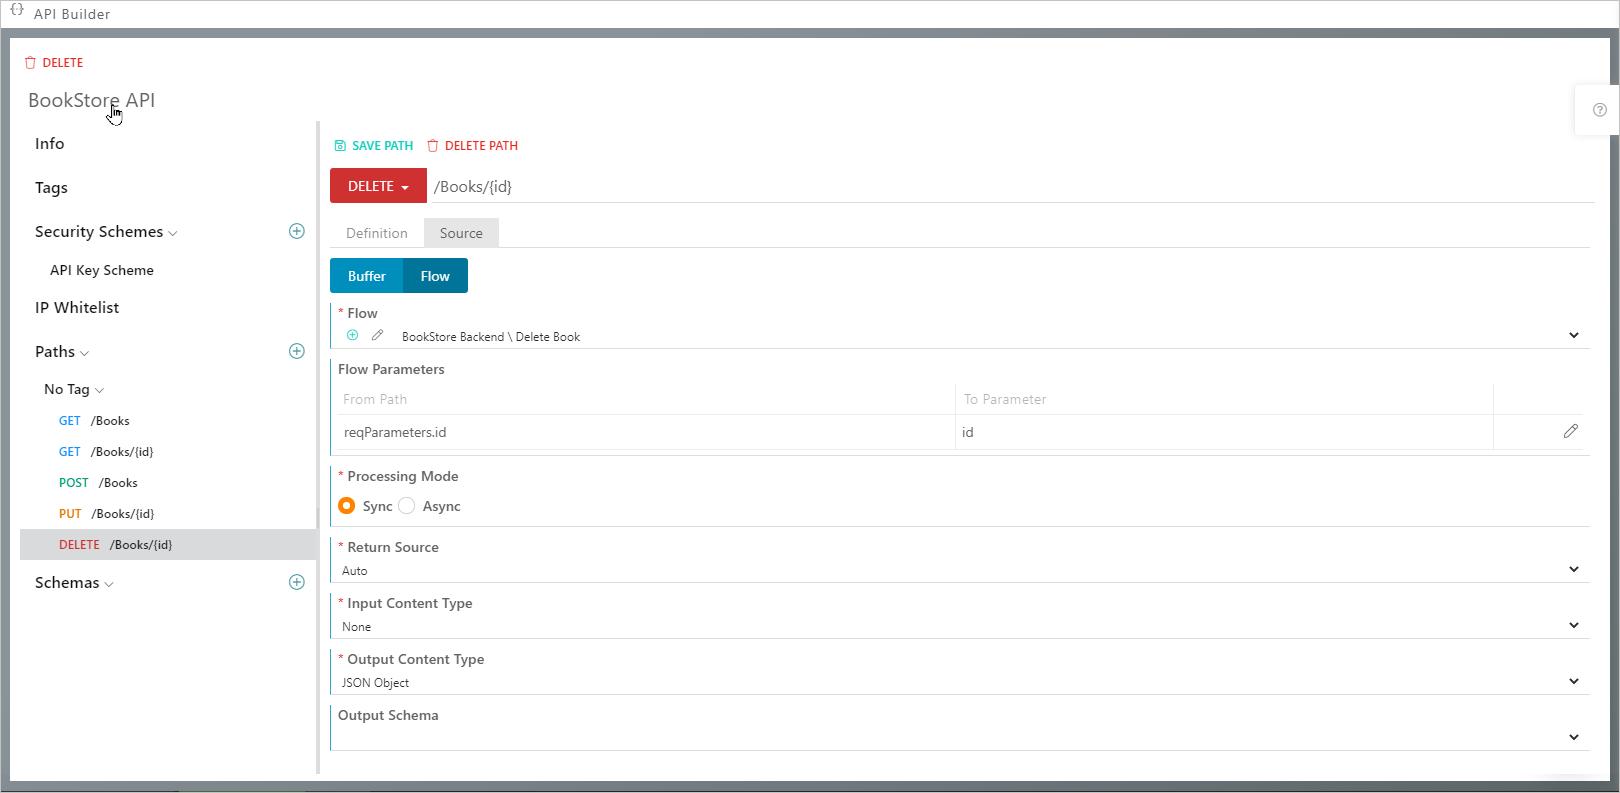 Synatic - API Paths tab